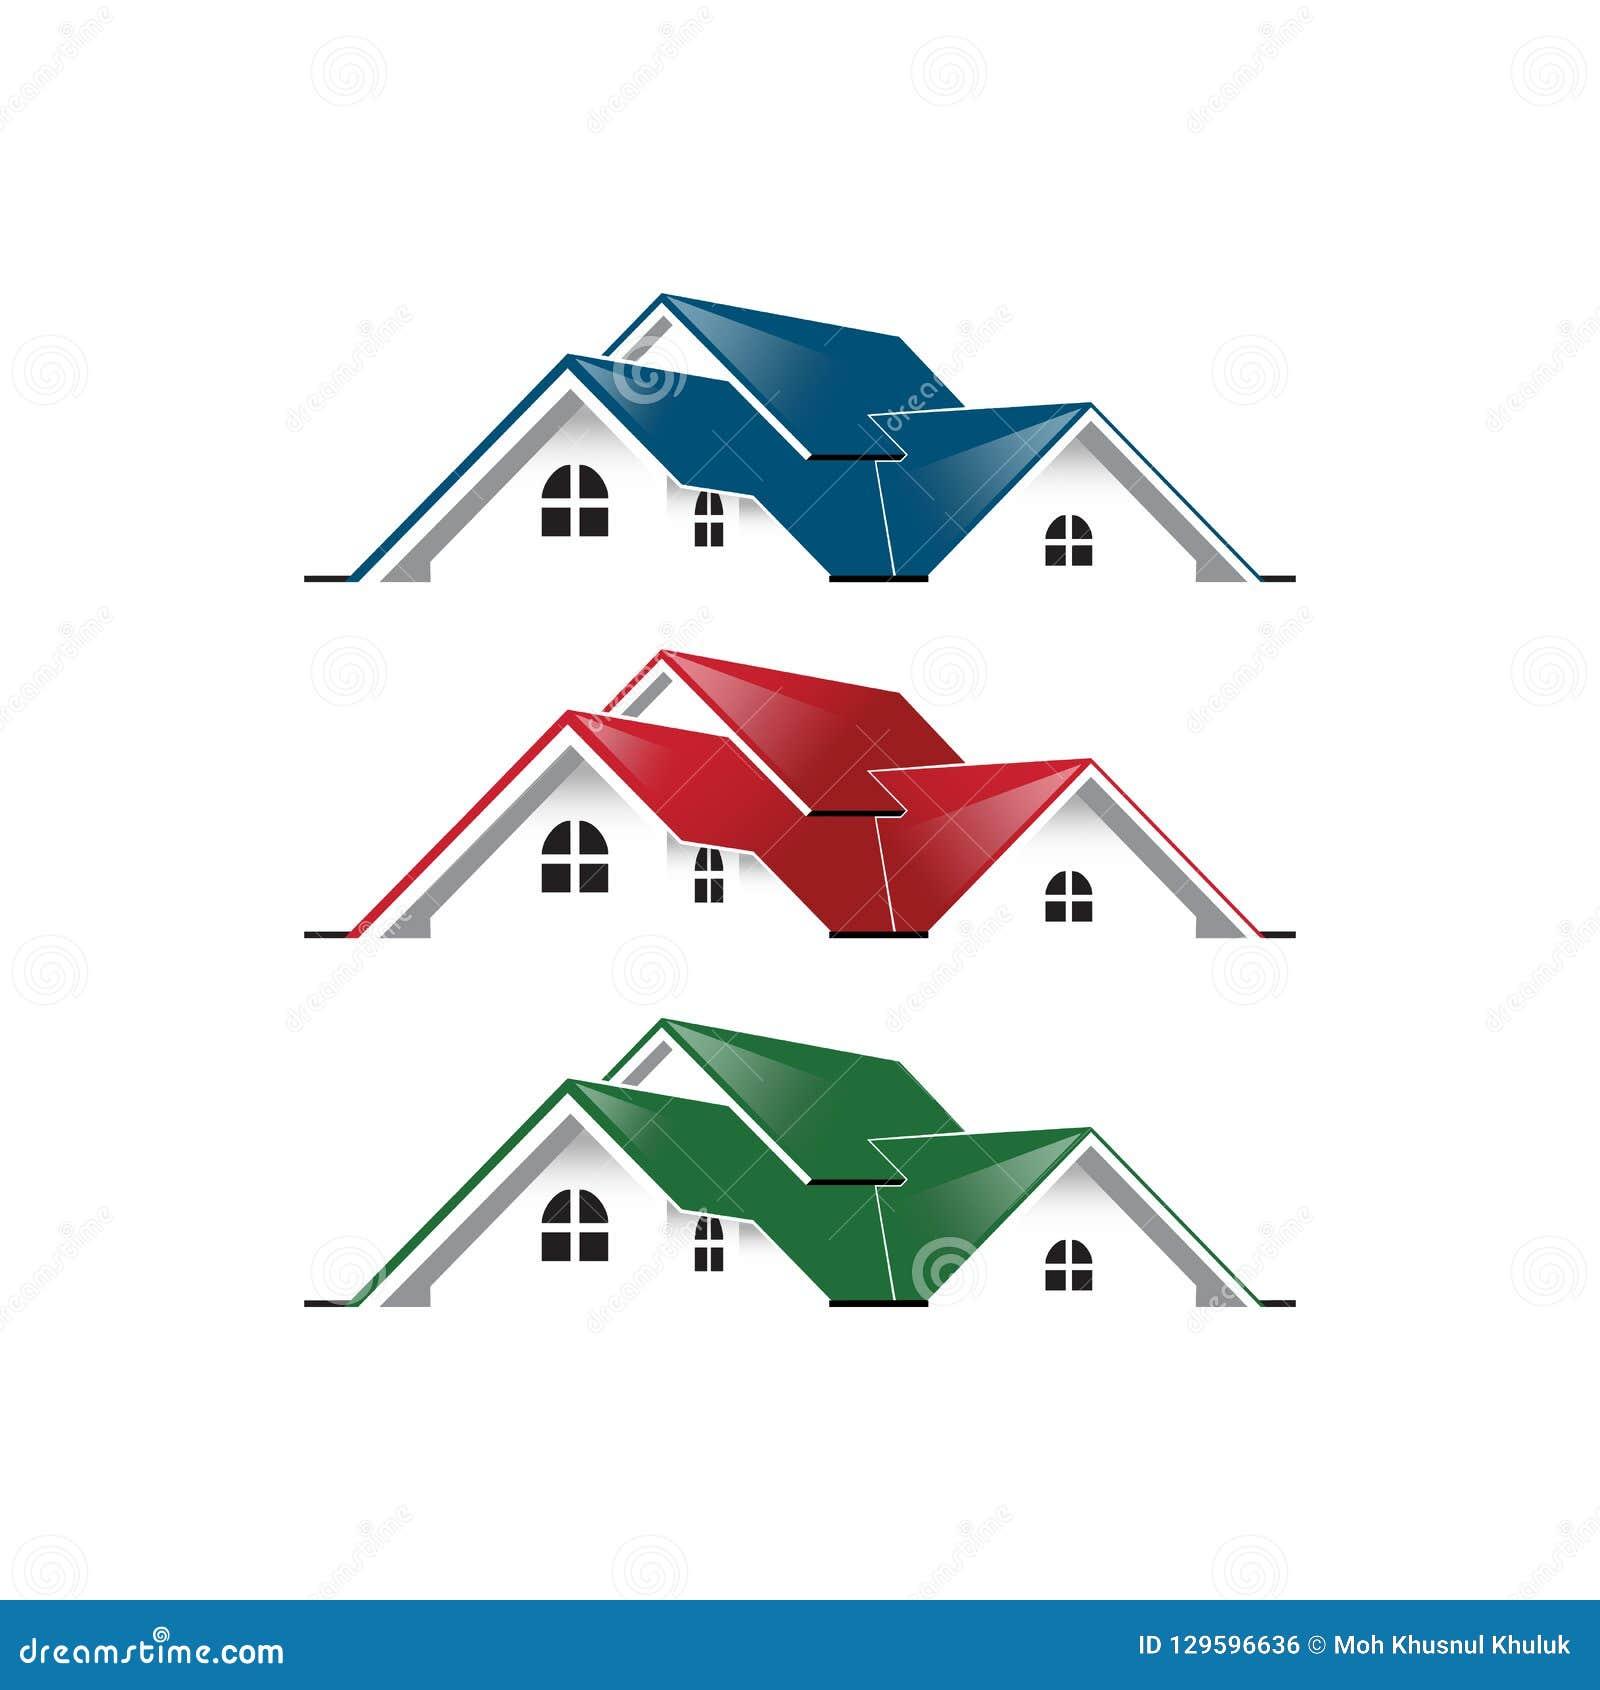 Ακίνητων περιουσιών απλός μοναδικός σπιτιών λογότυπων γραφικός μπλε κόκκινο πράσινο χρώμα